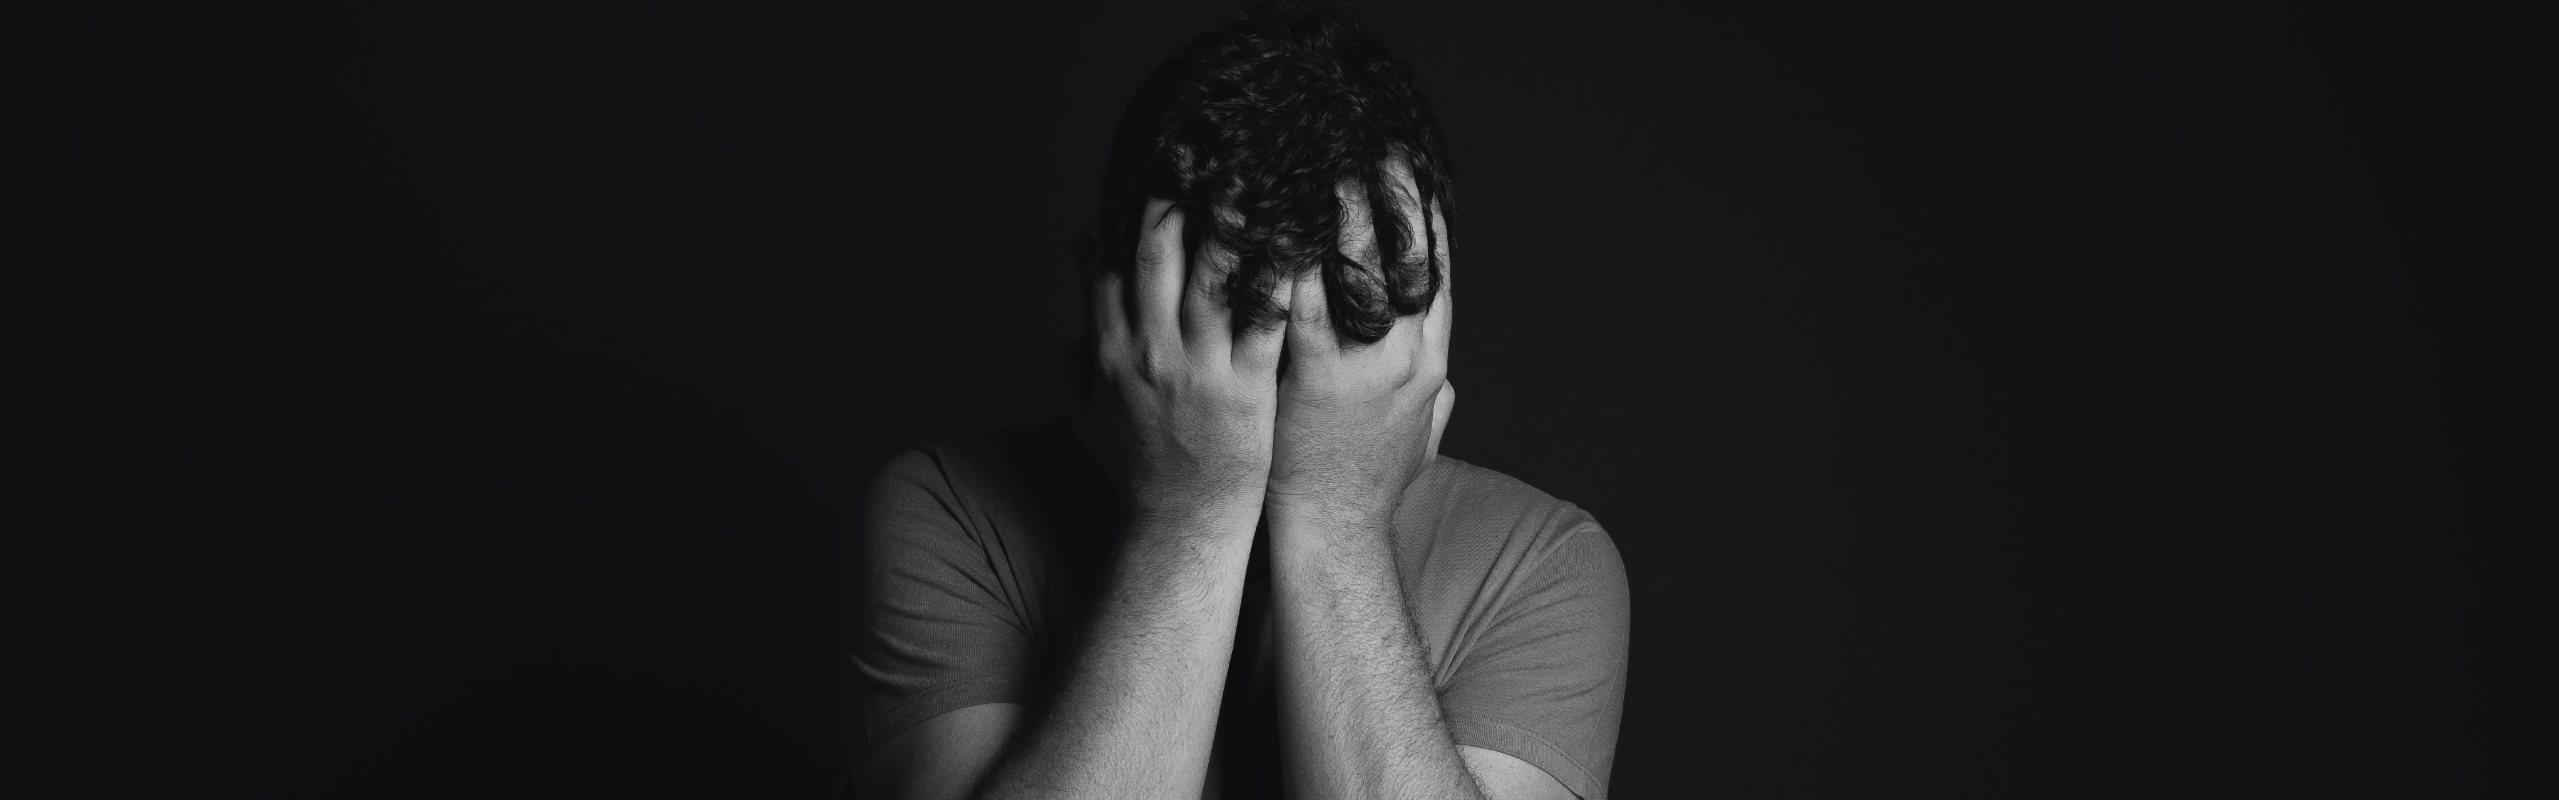 Te explicamos qué es el síndrome del impostor y cómo superarlo